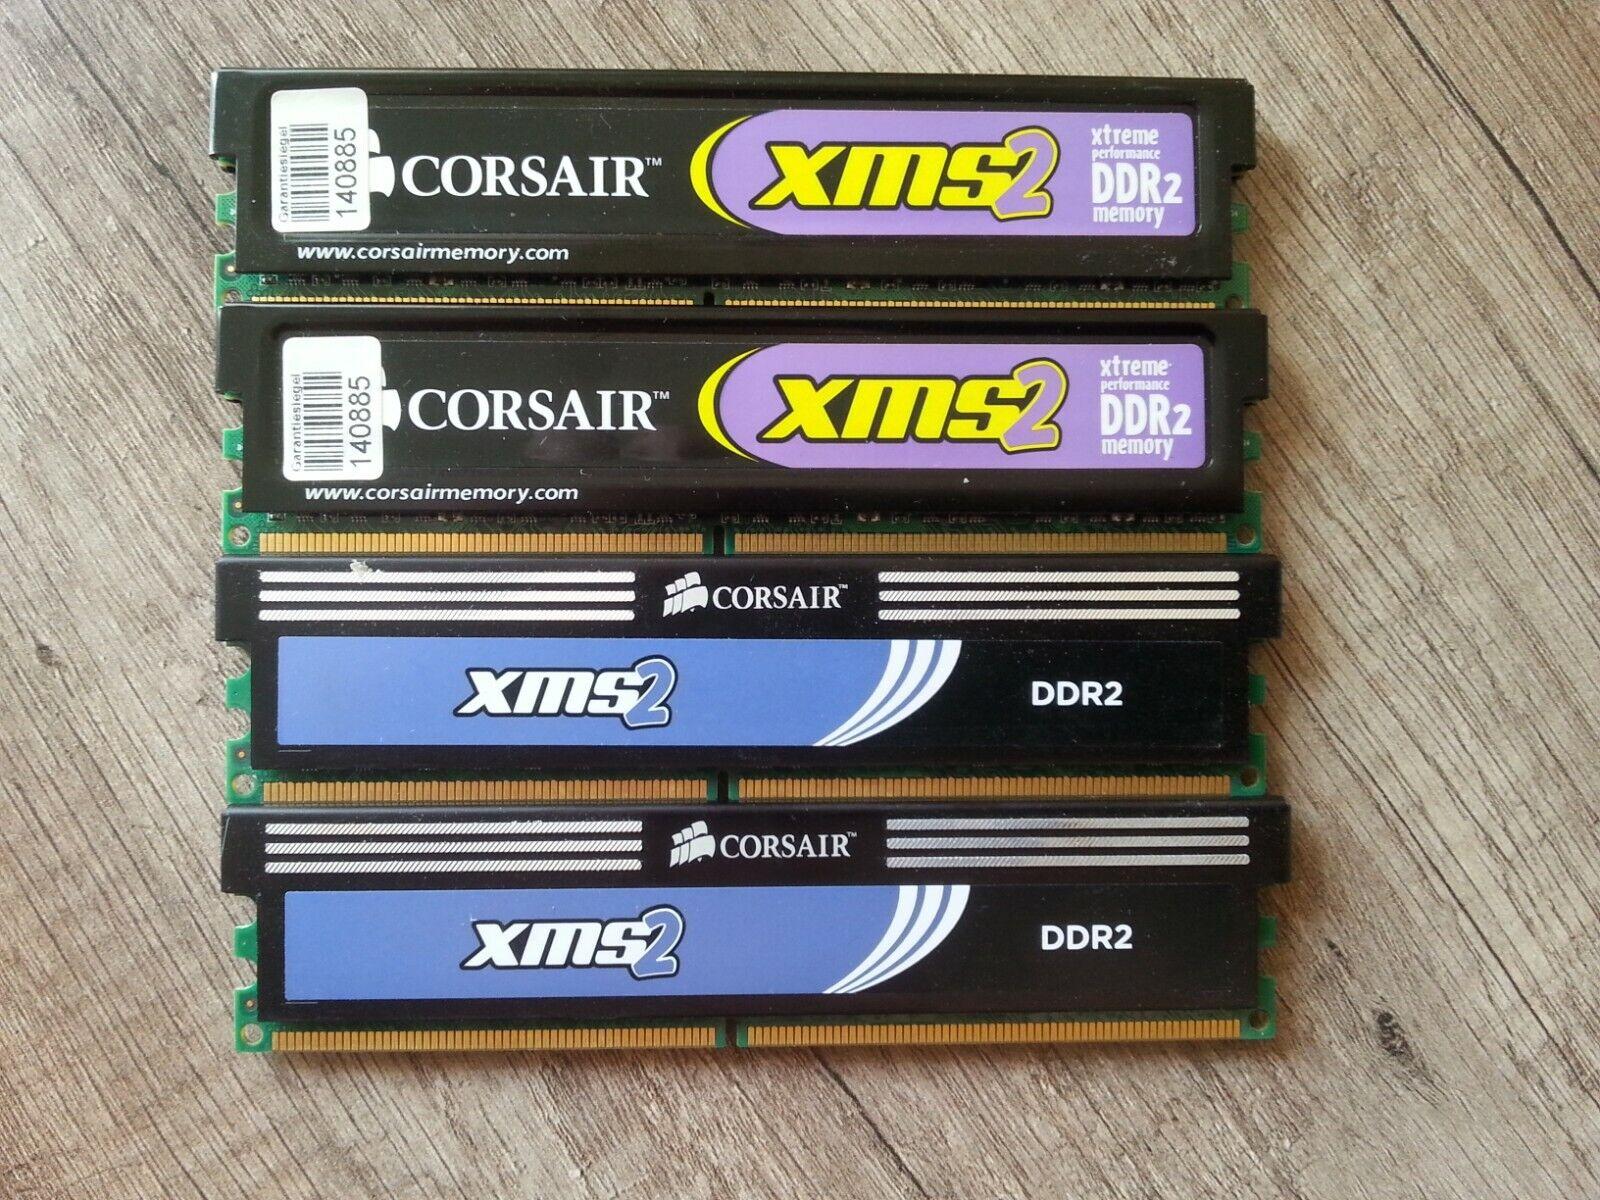 4x2 (8GB) DDR2 RAM für PC, Corsair XMS2 - siehe Bilder.